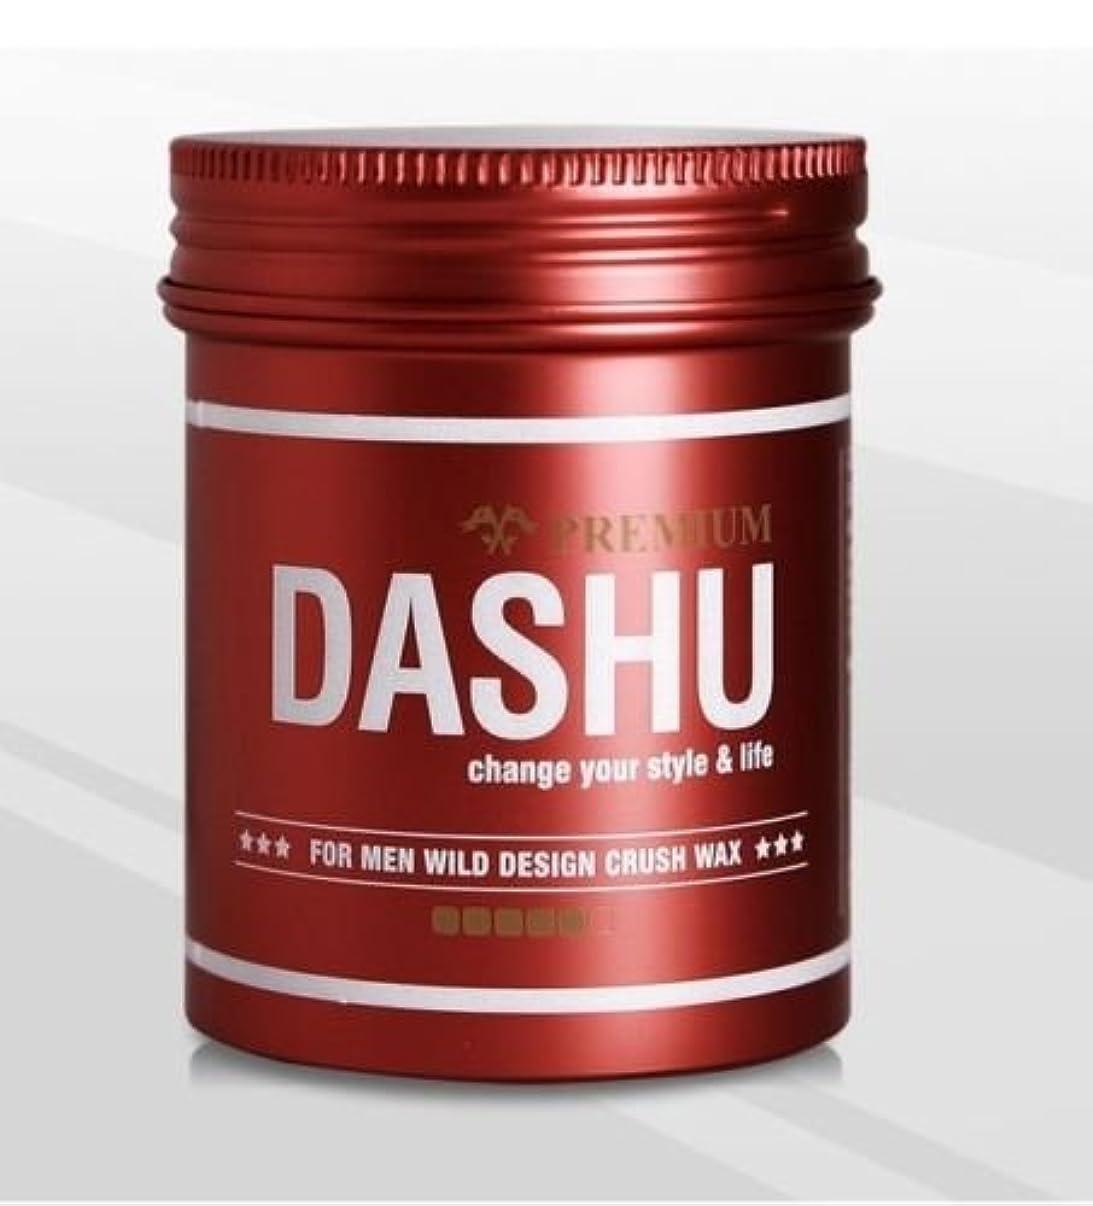 静かな空誘発する[DASHU] ダシュ For Men男性用 プレミアムワイルドデザインクラッシュワックス Premium Wild Design Crush Hair Wax 100ml / 韓国製 . 韓国直送品